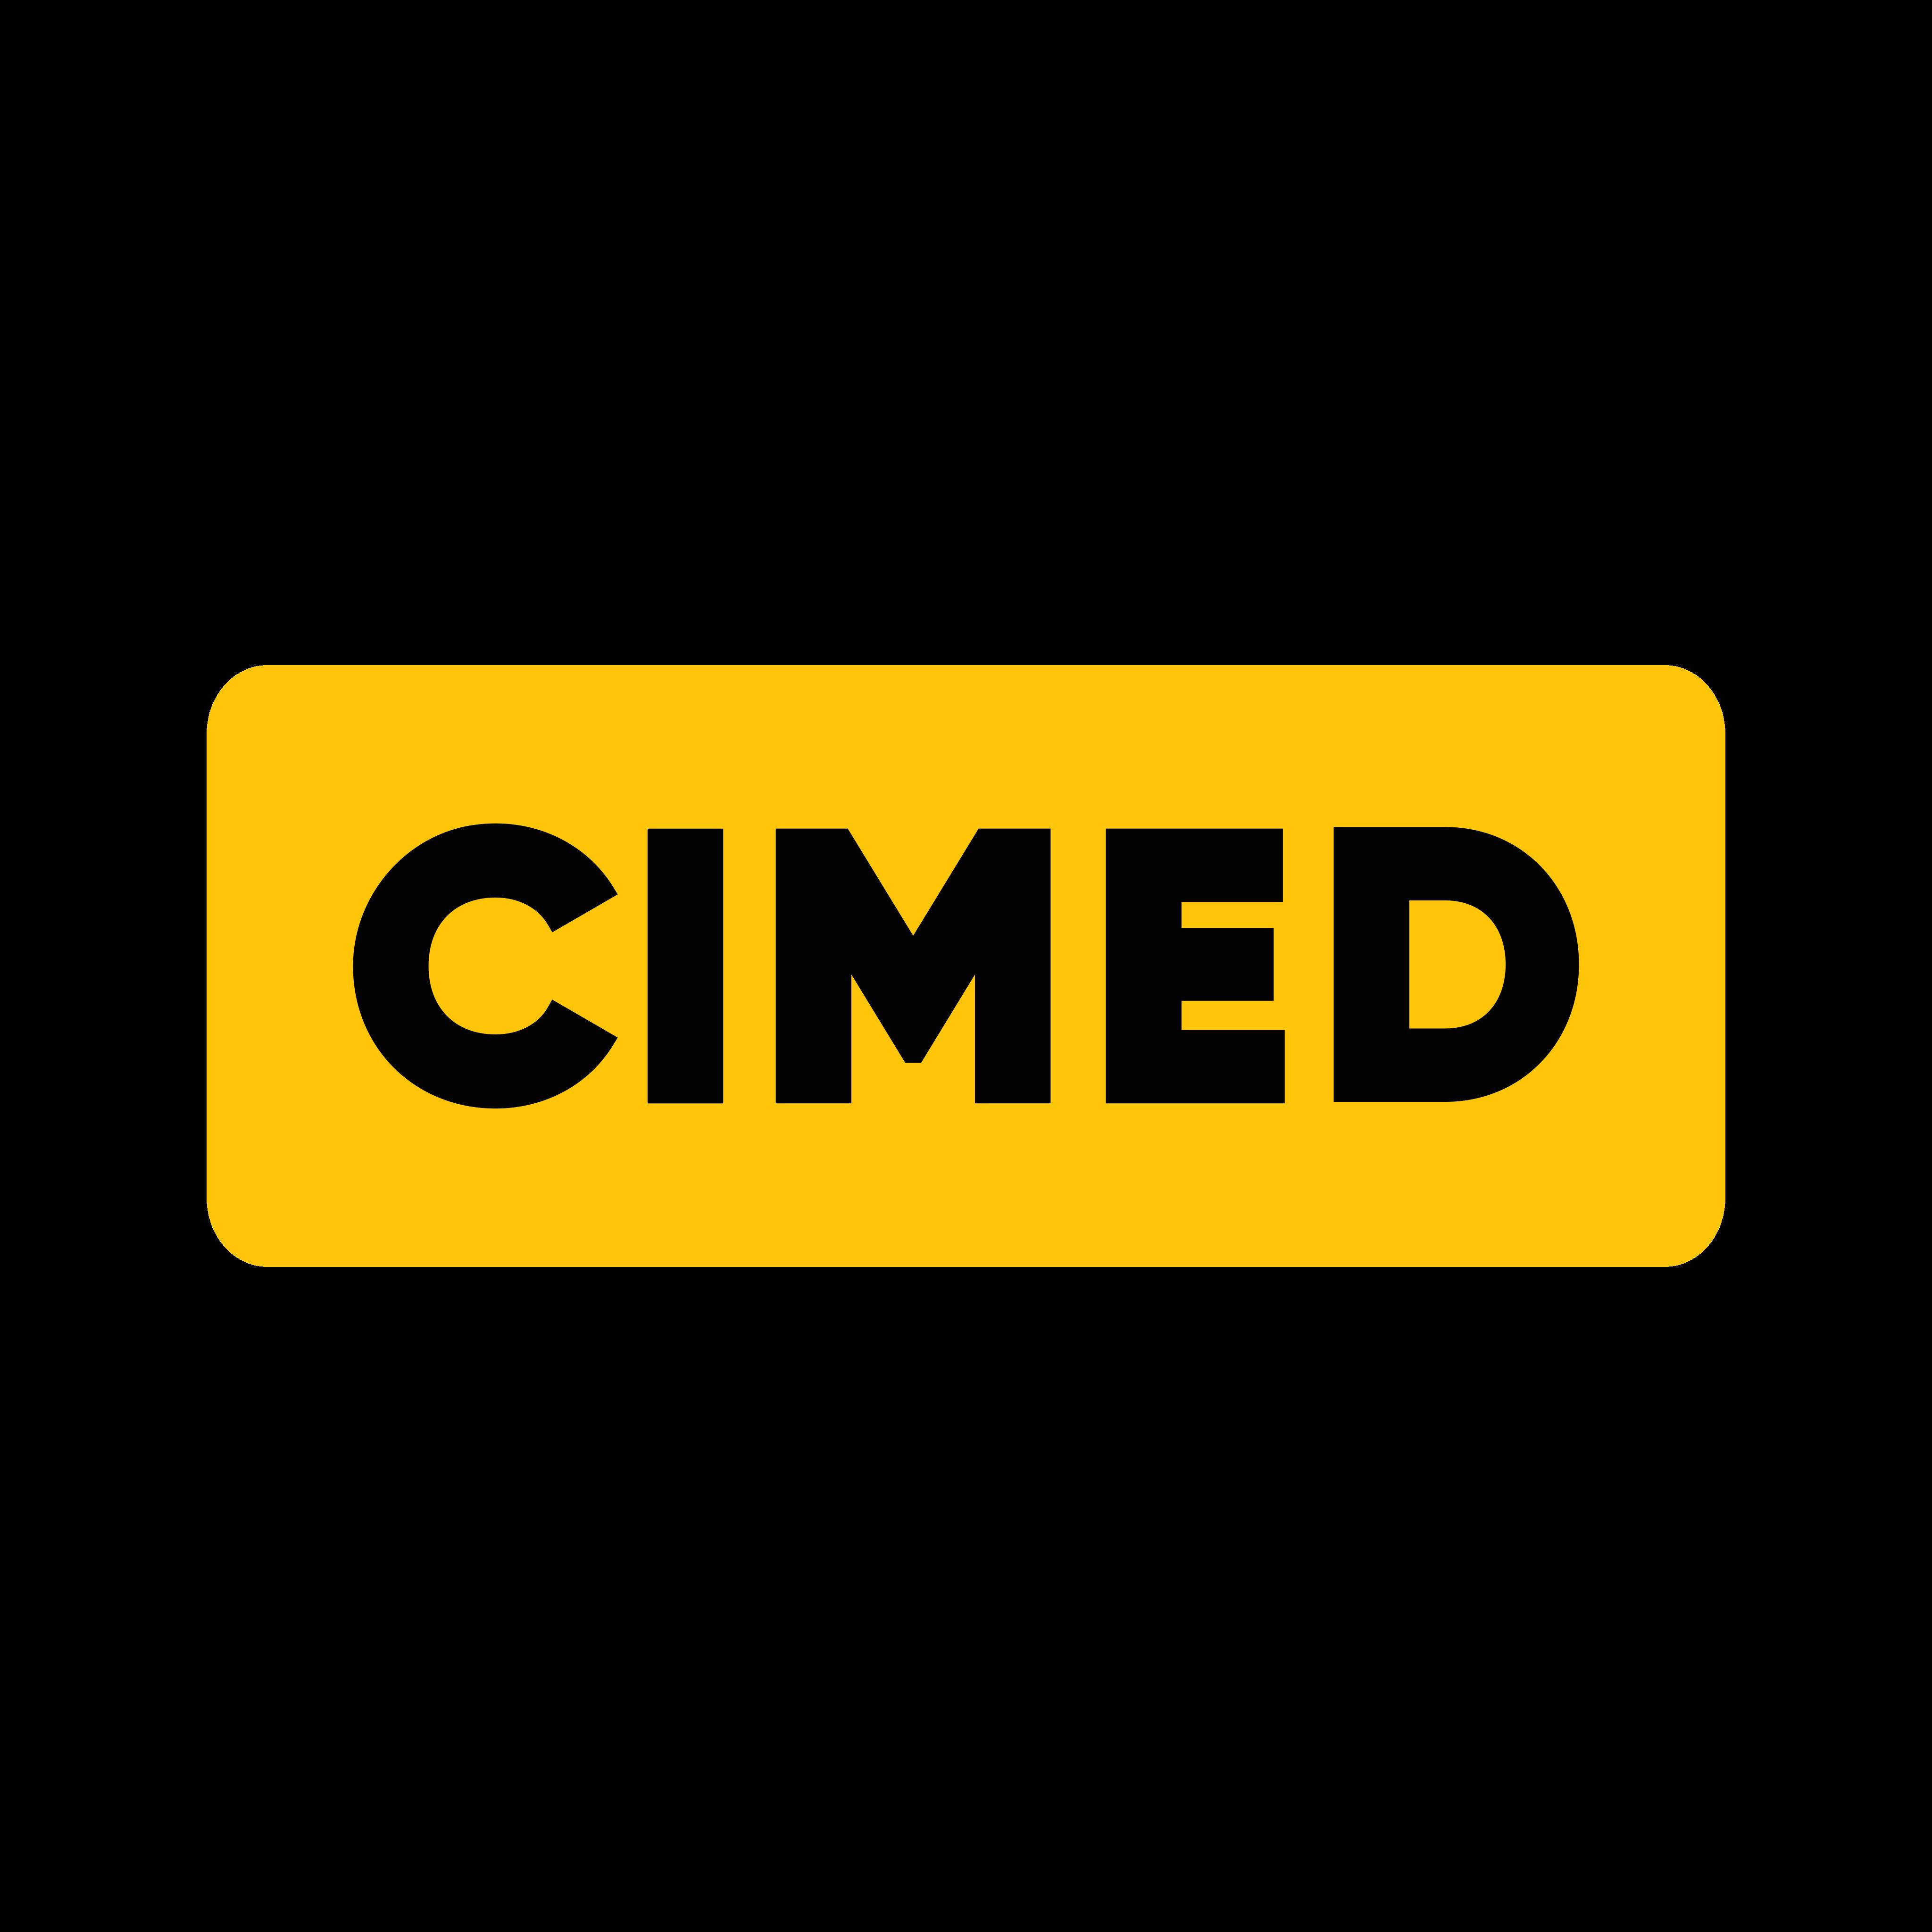 cimed logo 0 - CIMED Logo